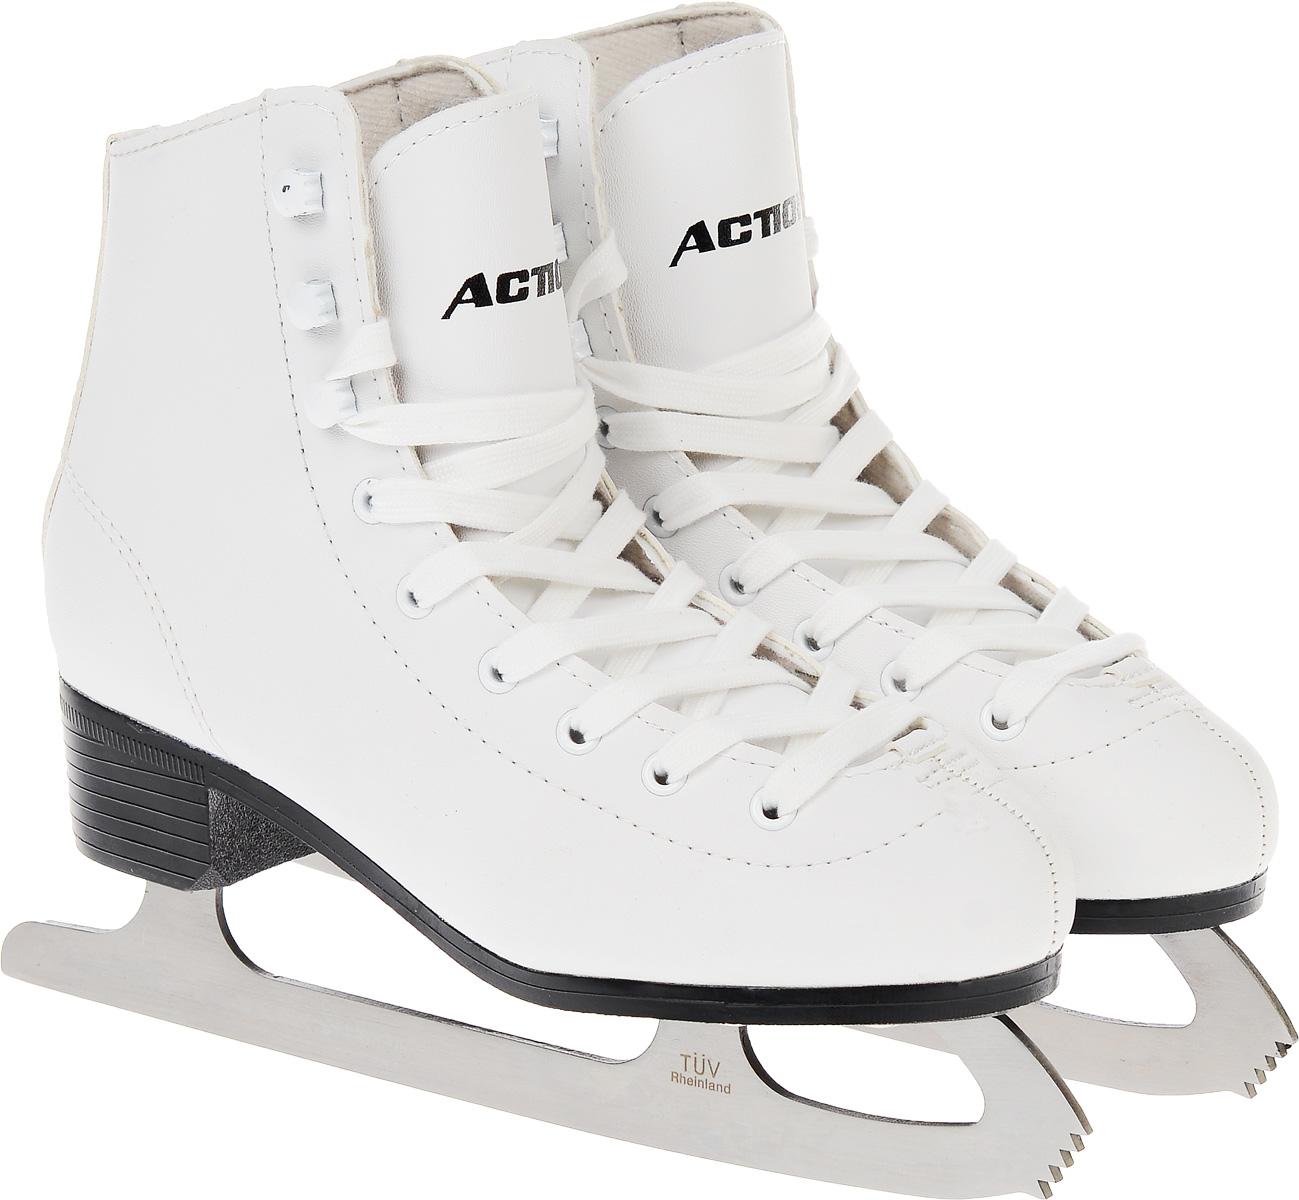 Коньки фигурные женские Action Sporting Goods, цвет: белый. PW-215. Размер 37CK Ladies Lux 2012-2013 White TricotВысокий классический ботинок идеально подойдет для любительского катания. Модель снабжена системой быстрой шнуровки и поддержкой голеностопа. Верх ботинка выполнен из высококачественной искусственной кожи, подошва - твердый пластик. Лезвие изготовлено из нержавеющей стали со специальным покрытием, придающим дополнительную прочность.